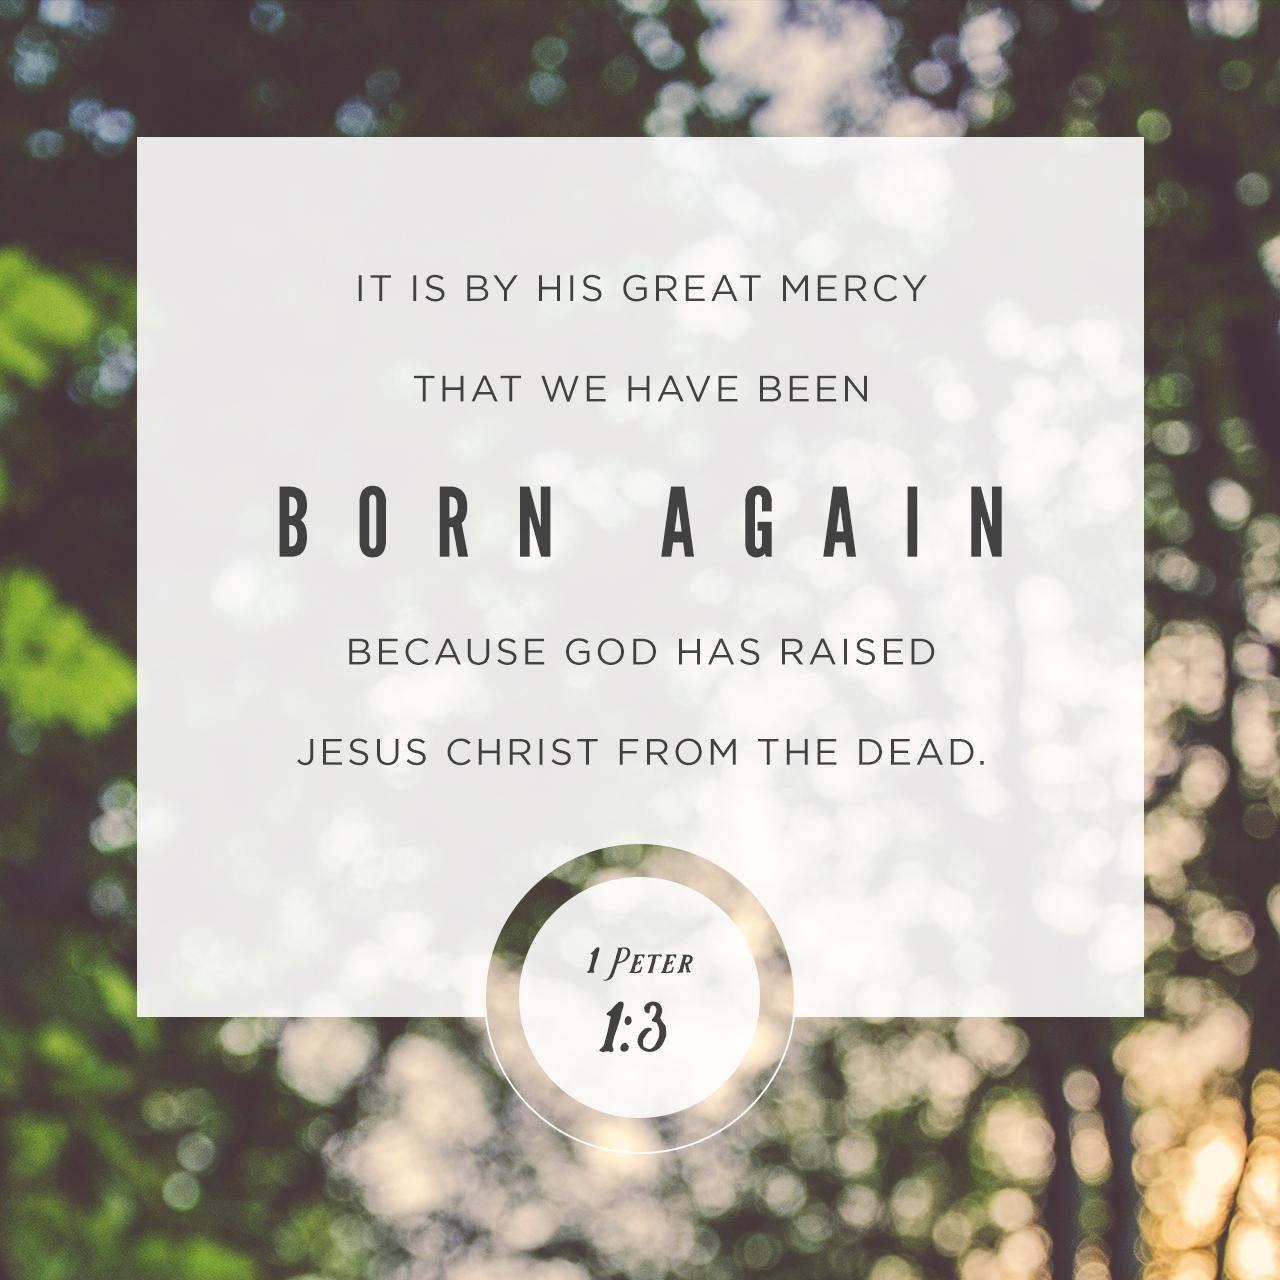 1 Peter 1:3 (JPG)